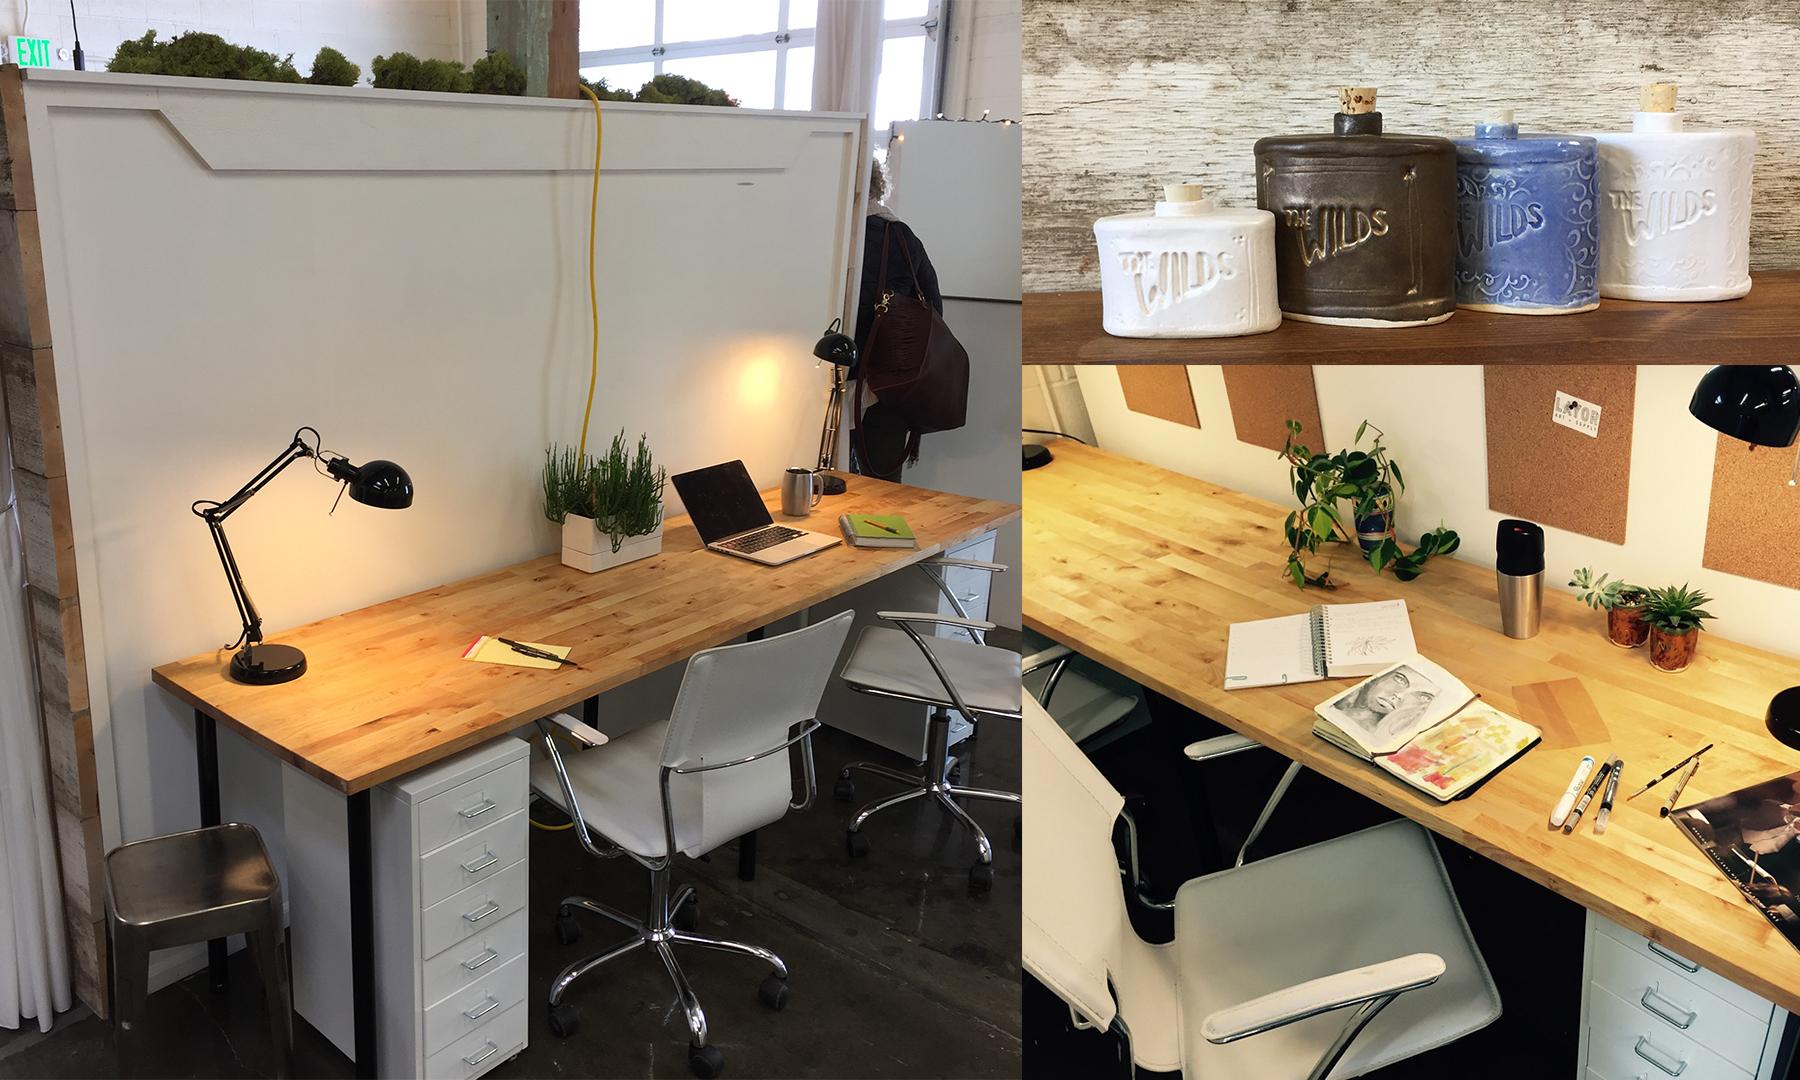 wilds desks and flasks.jpg